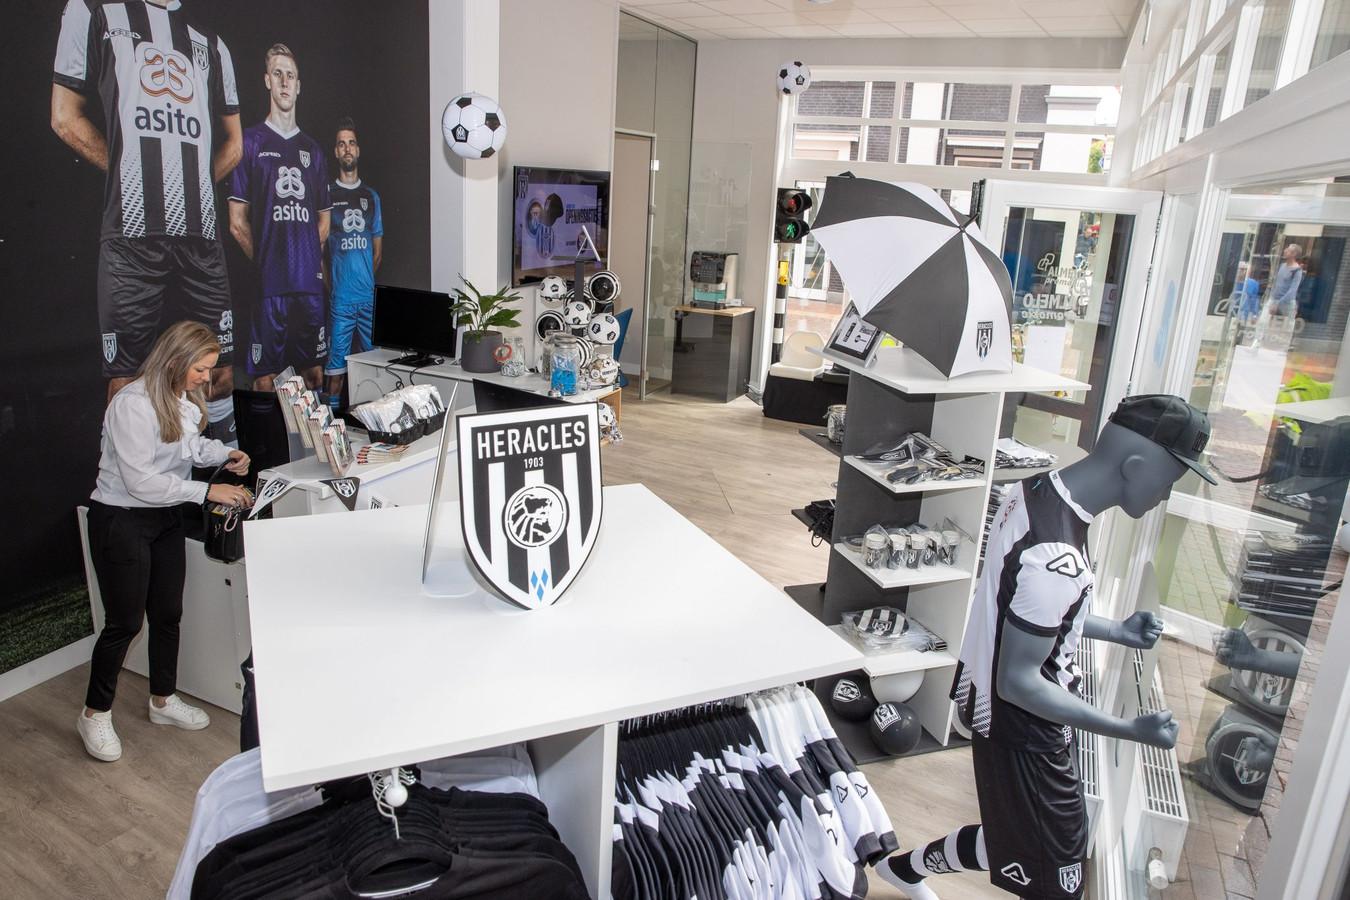 Heracles heeft een tweede fanshop geopend midden in het centrum van Almelo